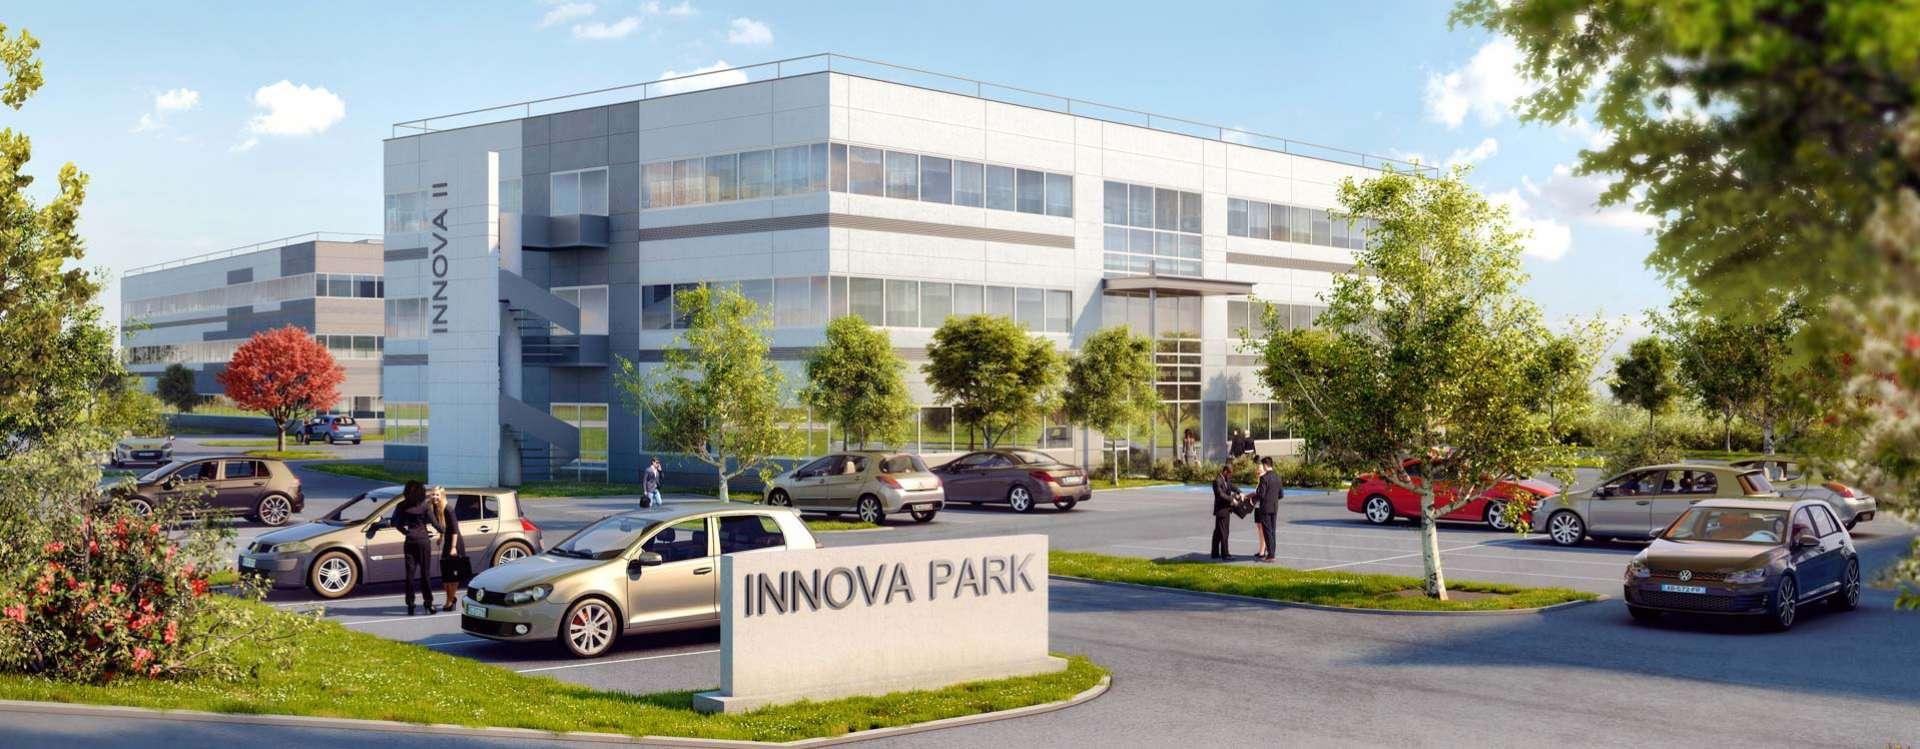 Innova Park à Vaulx Milieu